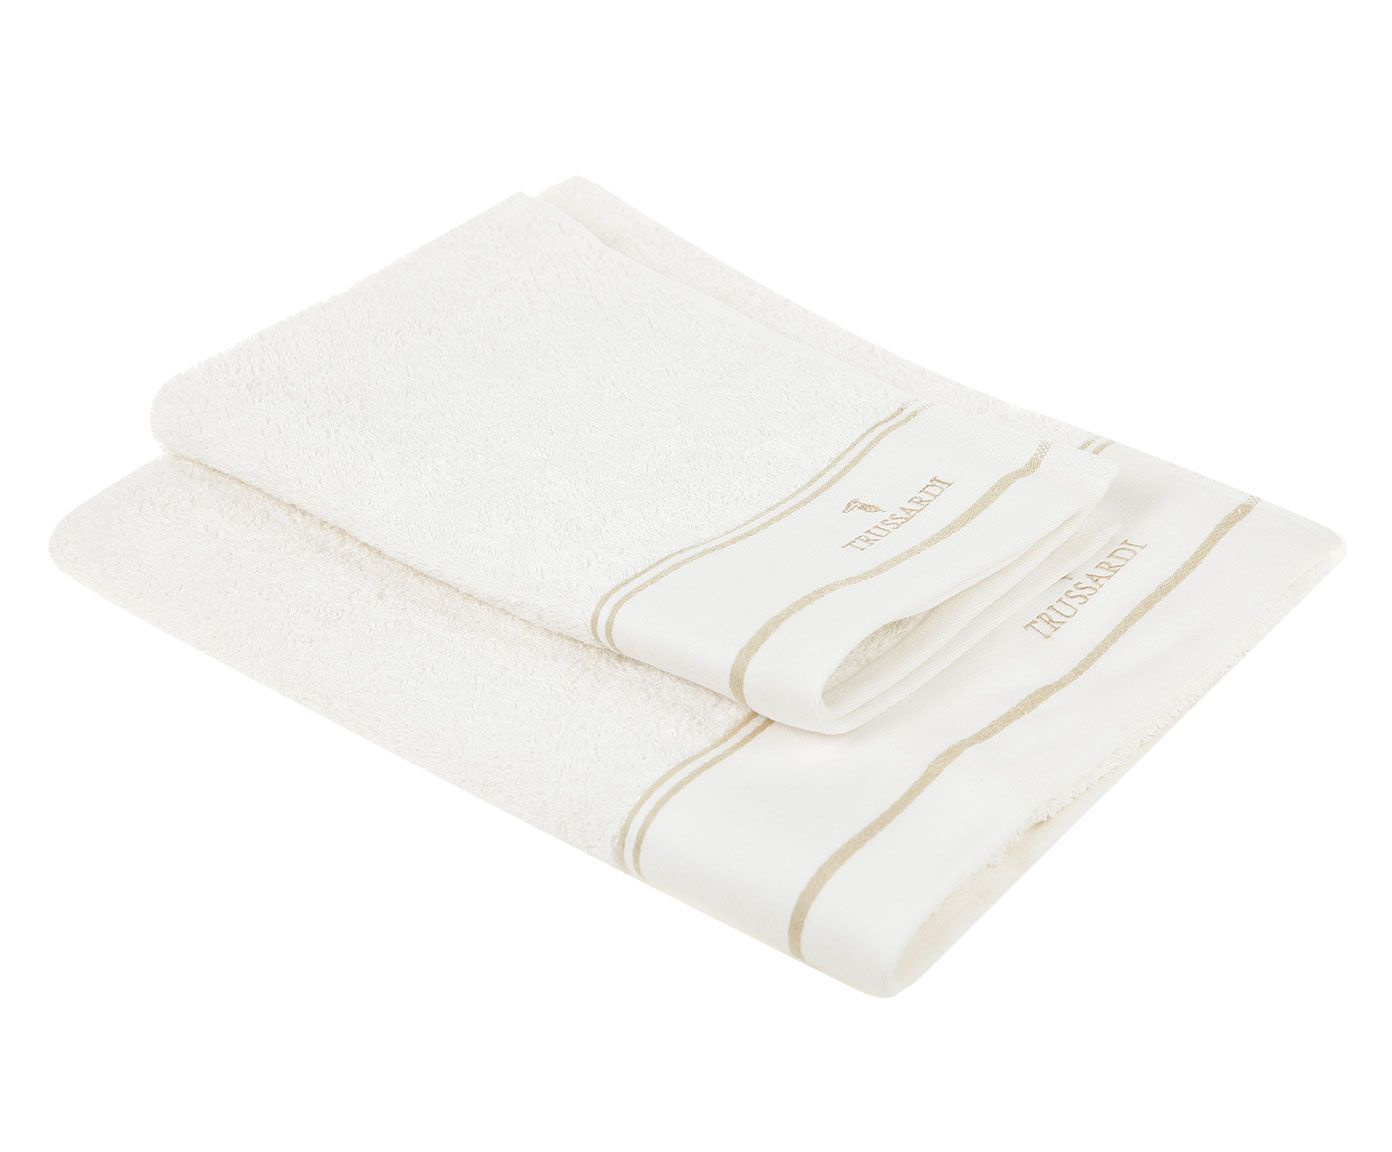 цена Набор банных полотенец Trussardi Look, белый онлайн в 2017 году